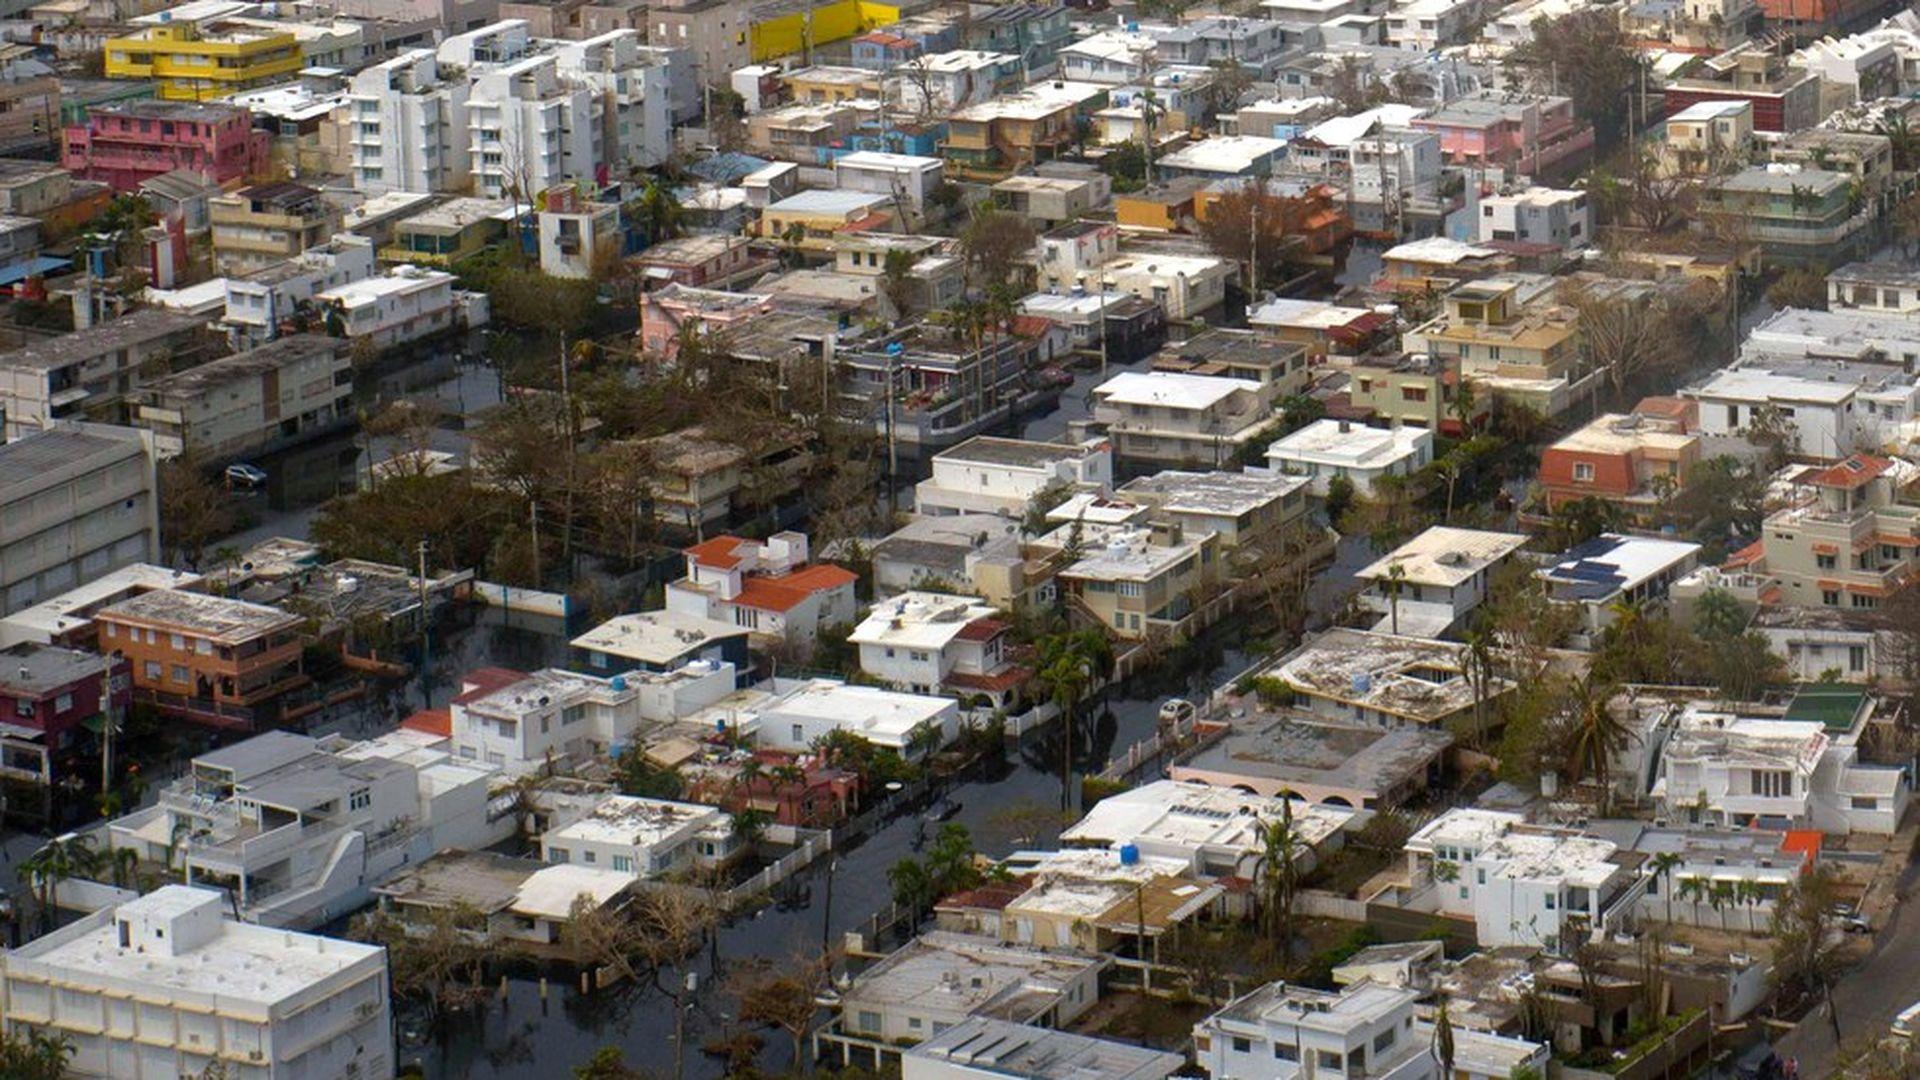 02cbf98b4b5 Recovery progresses slowly in Puerto Rico - Axios